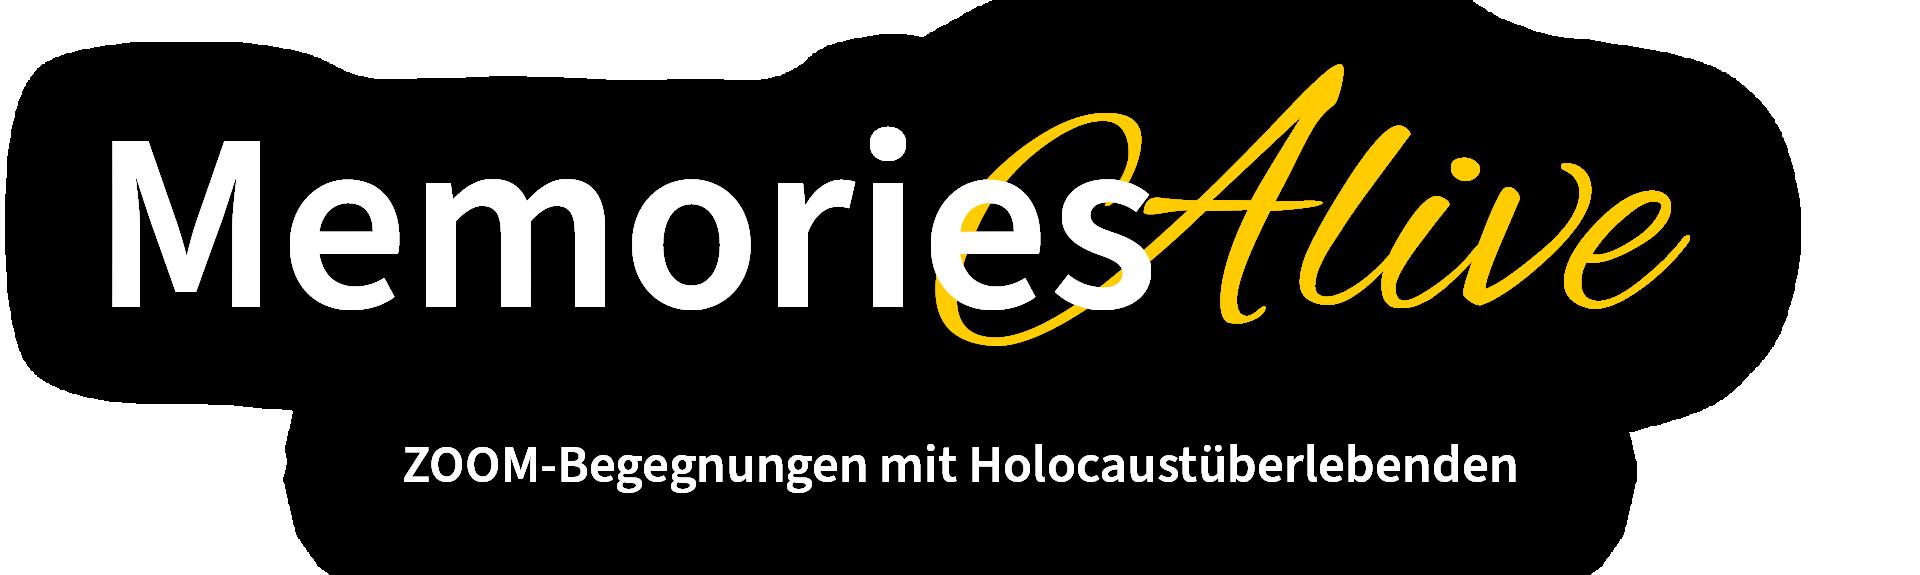 Memories Alive ZOOM-Begegnungen mit Holocaustüberlebenden